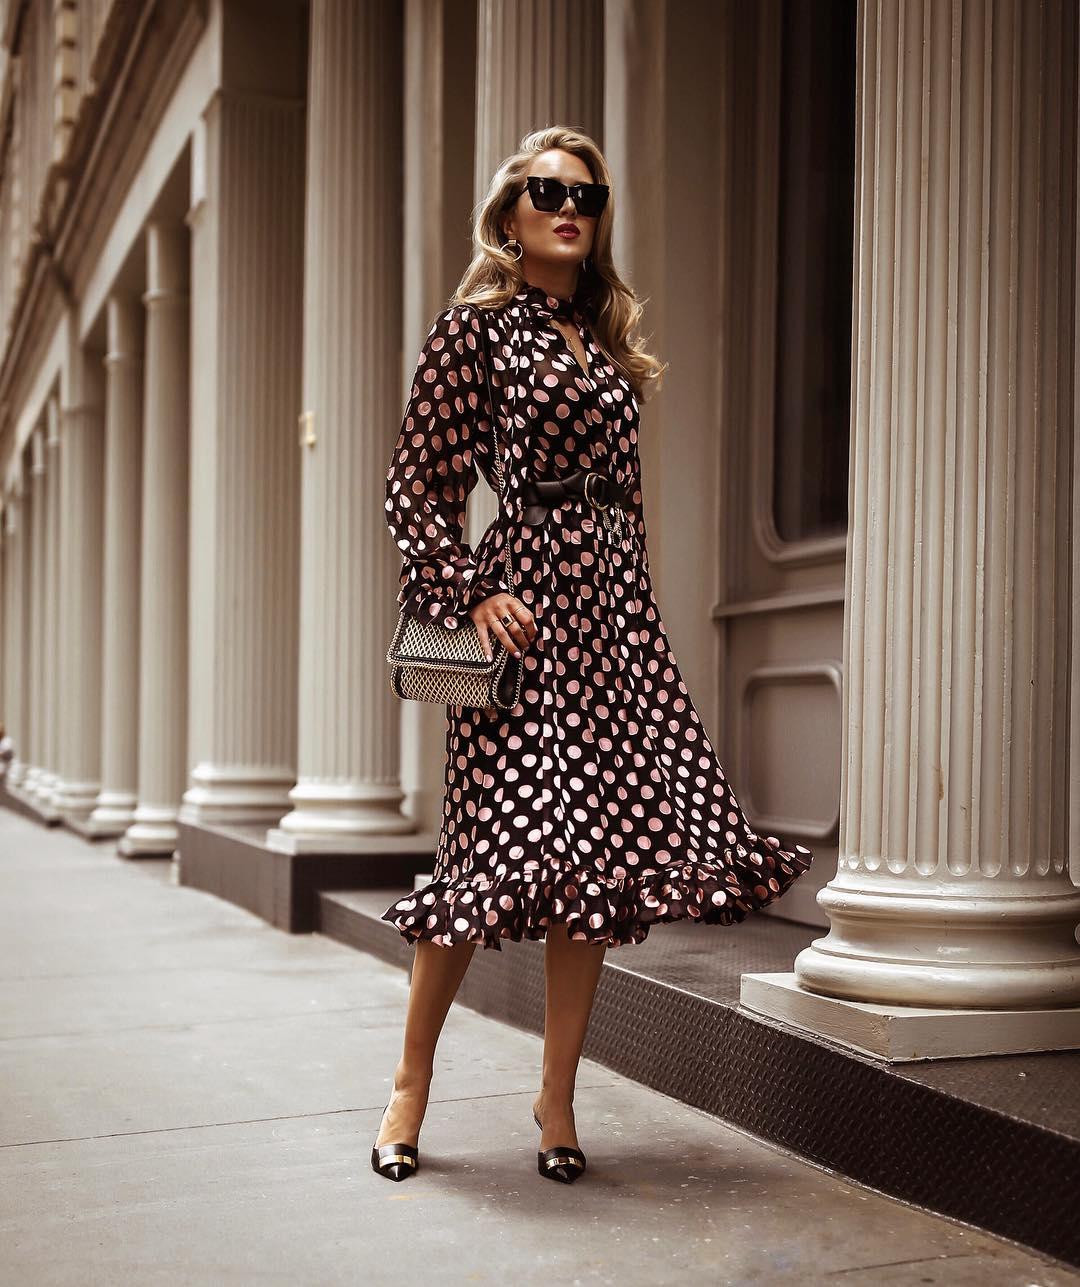 модный летние образы для деловых женщин фото 15